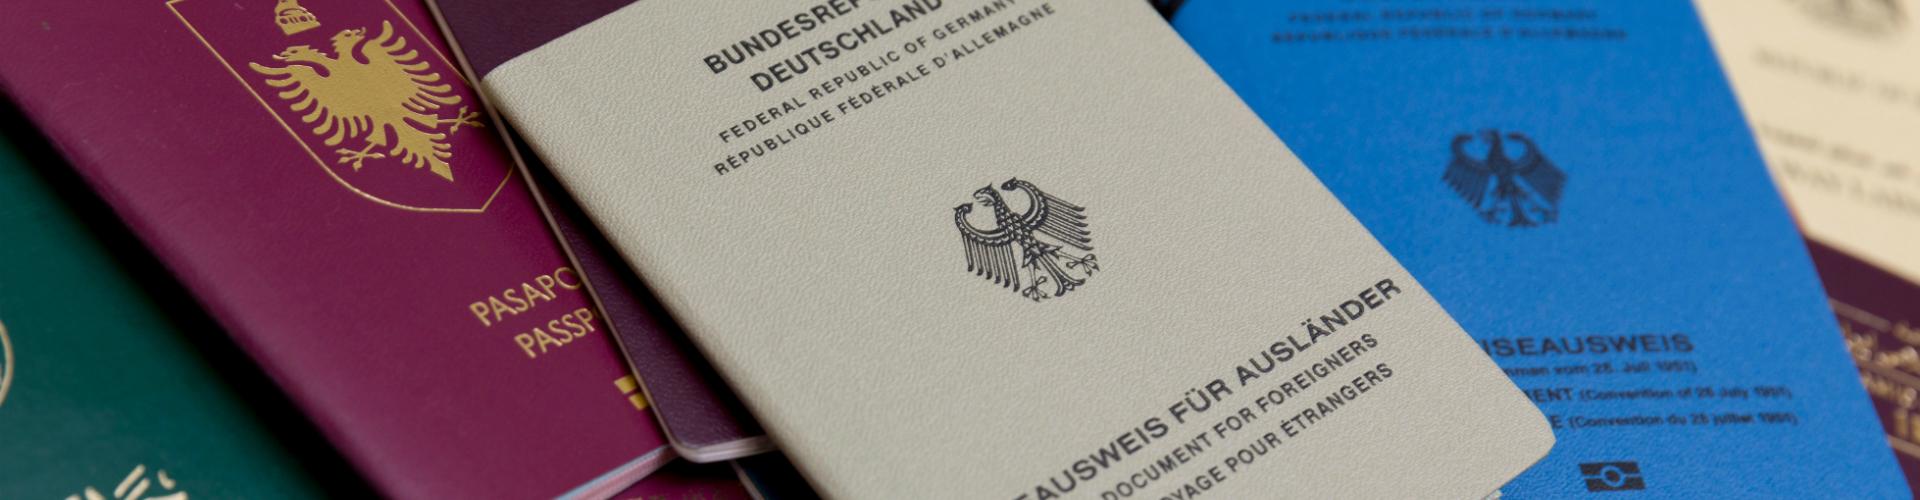 Mkk Zuwanderung Und Integration Ausländerbehörde